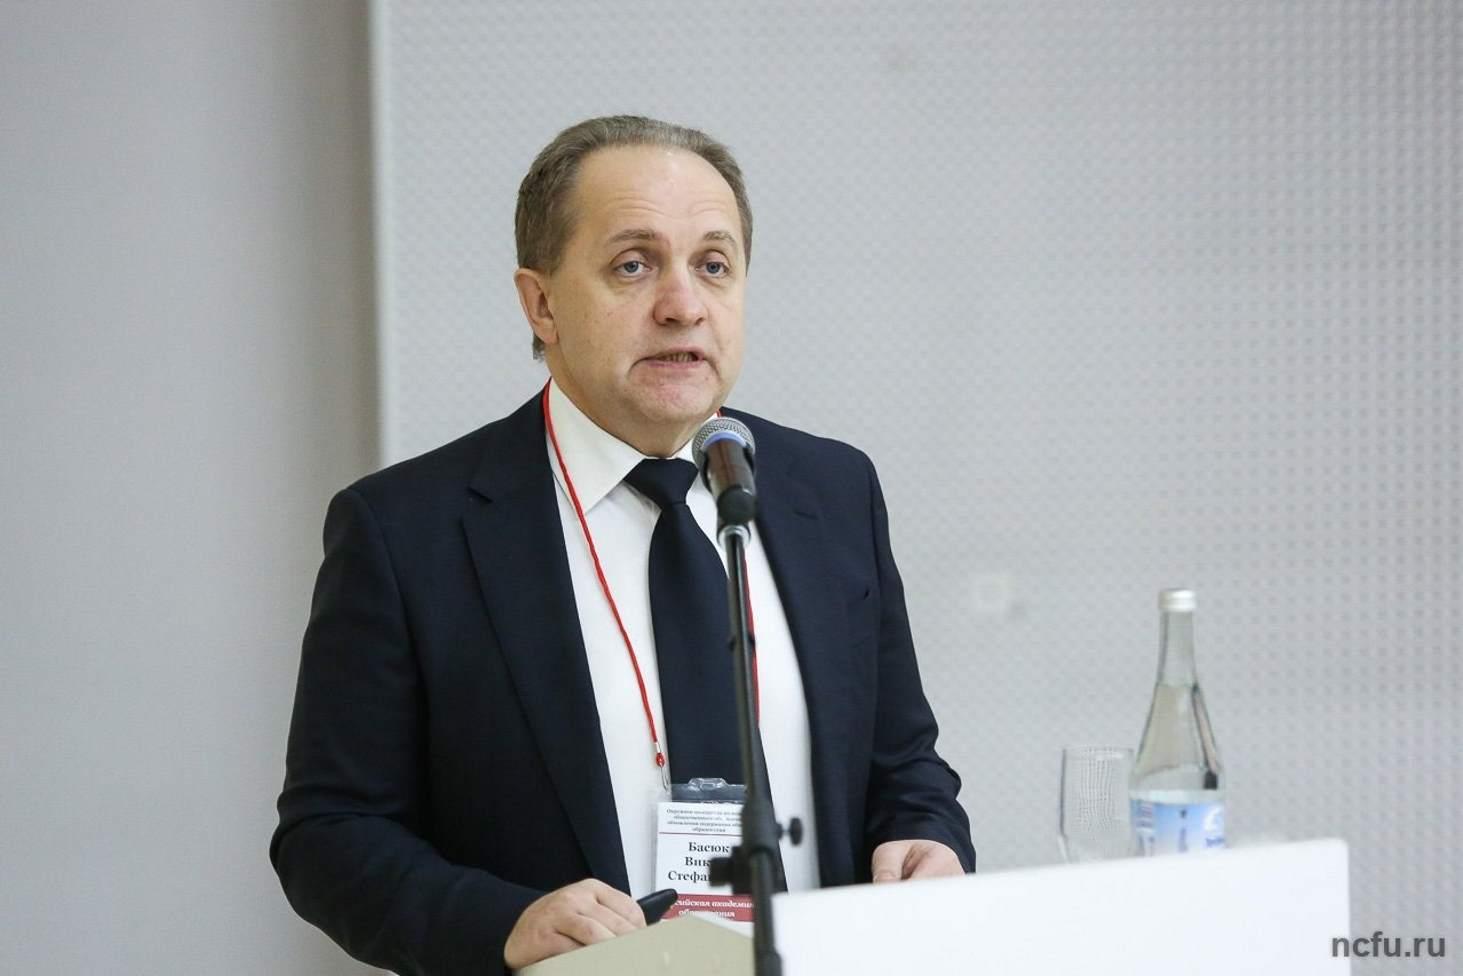 viktor-basyuk-stal-zamestitelem-ministra-prosveshheniya-rossii